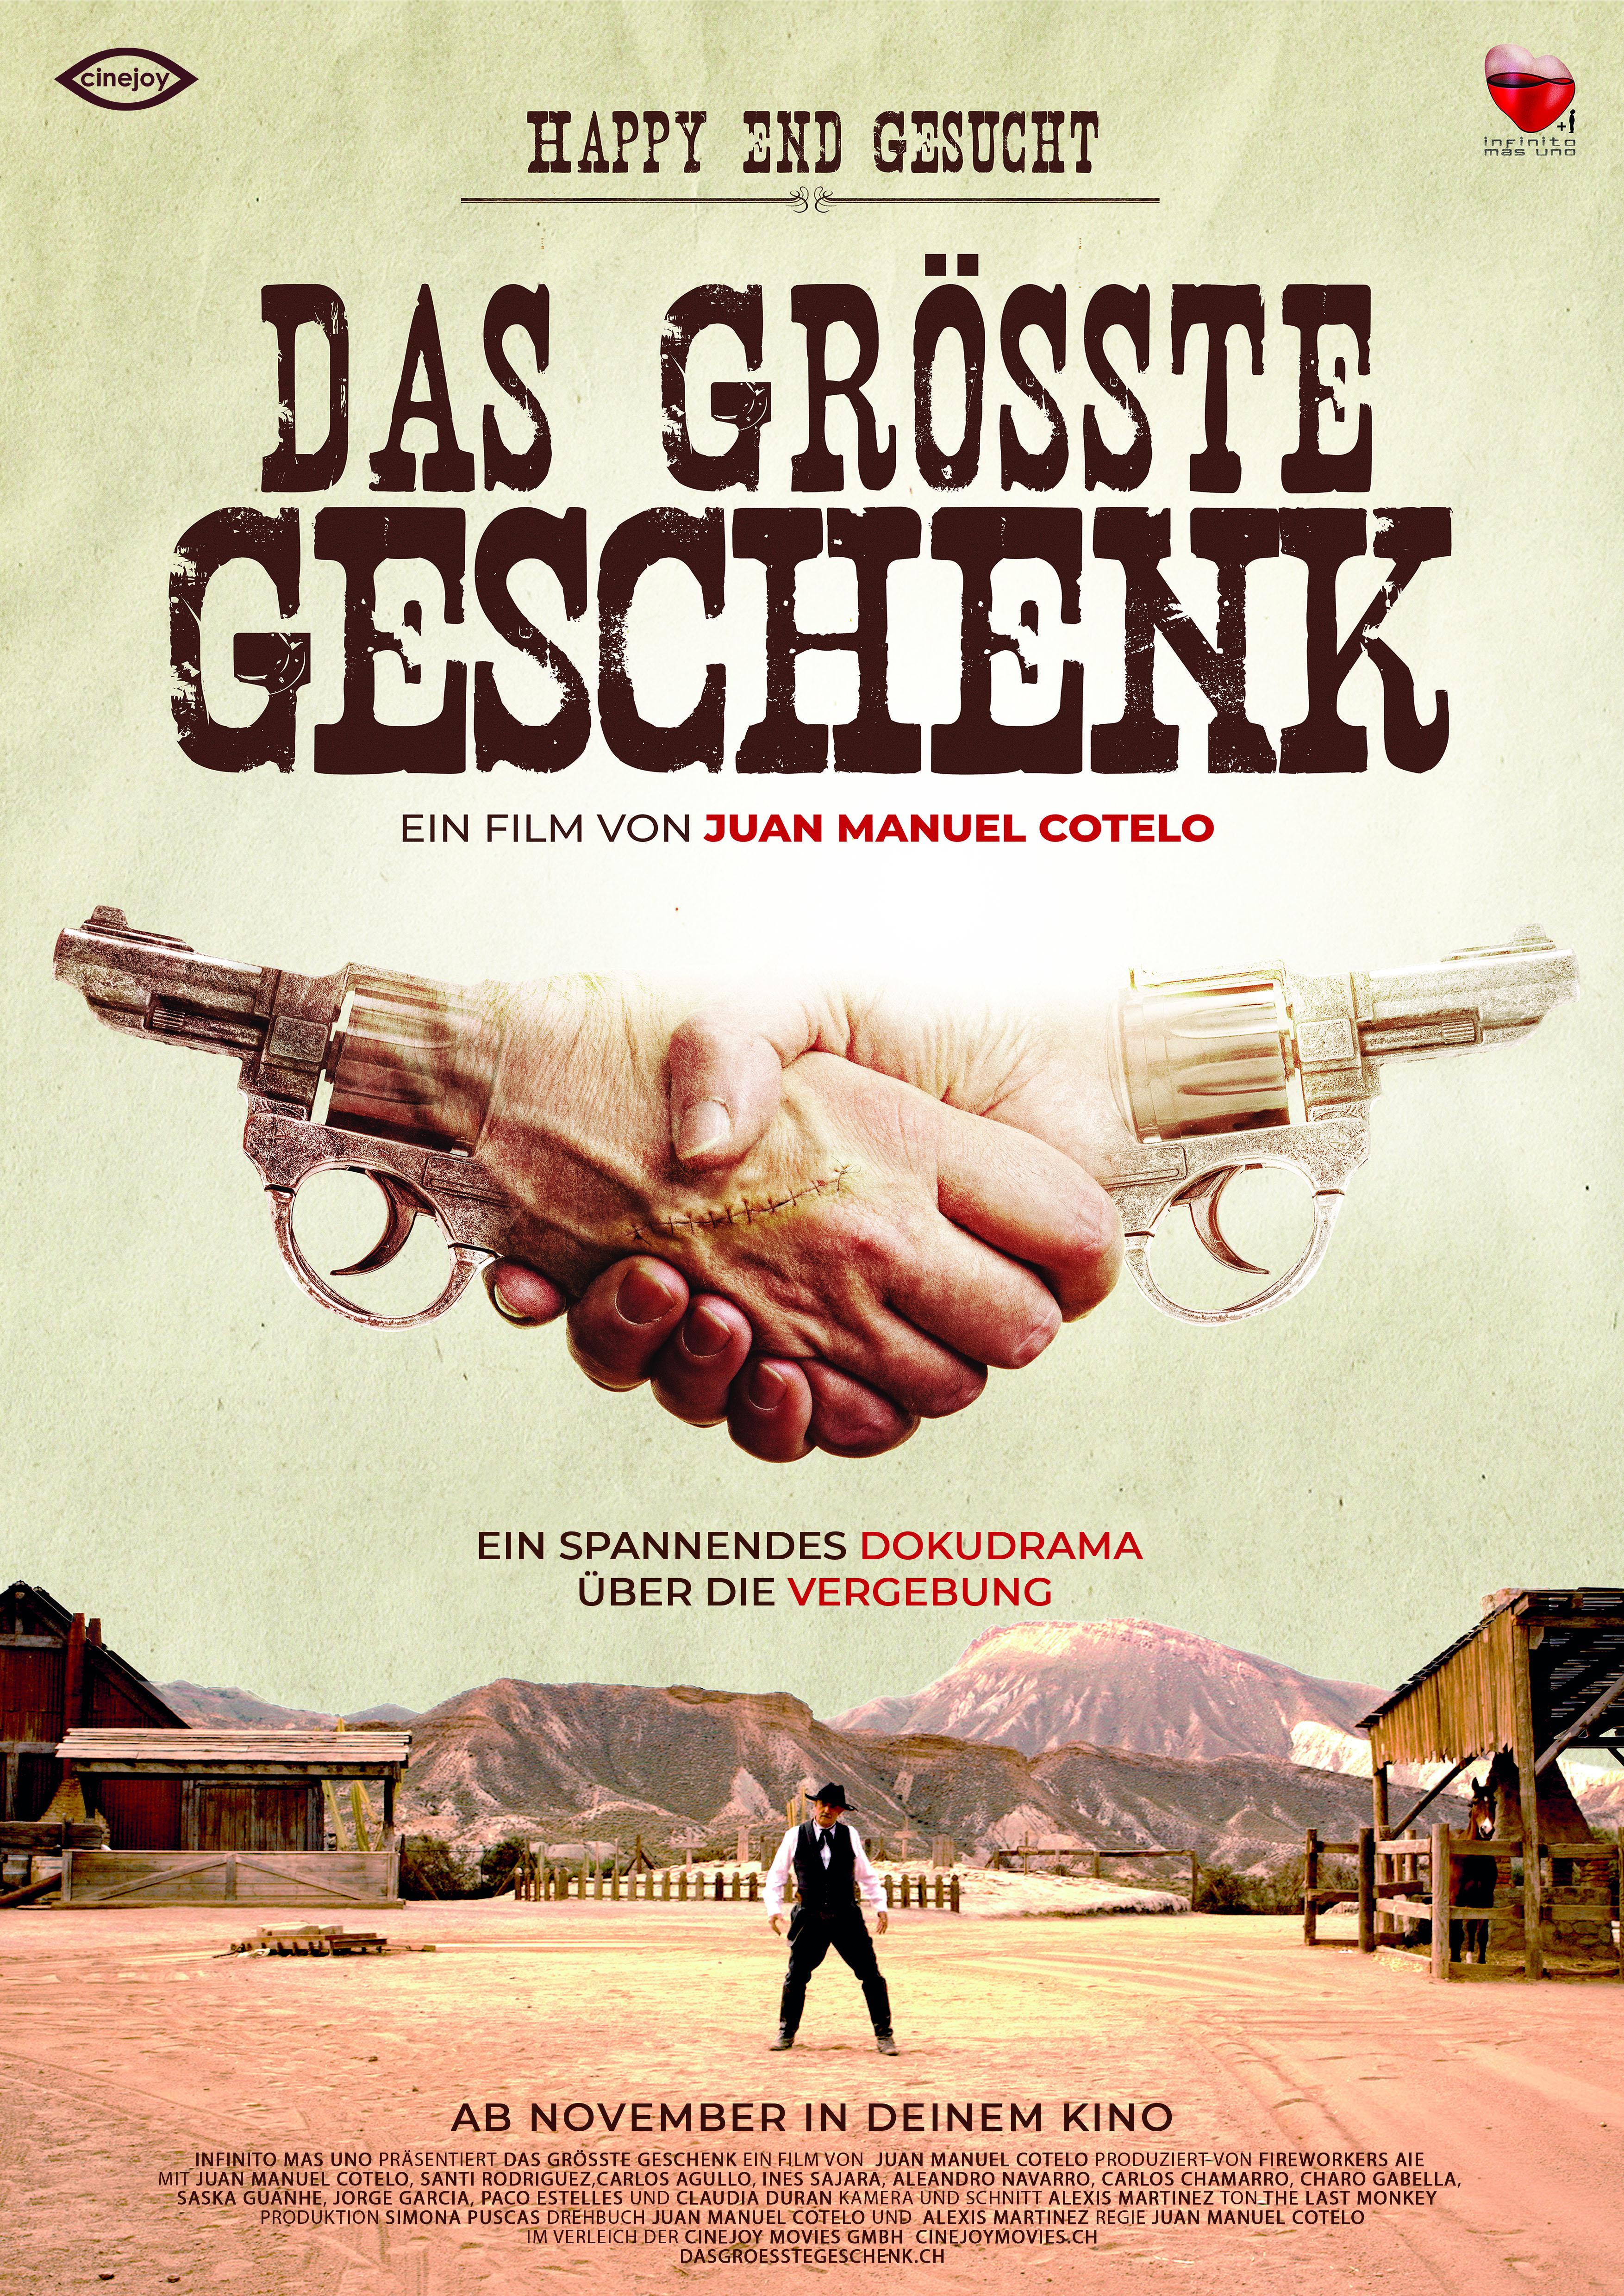 Das Grösste Geschenk Cinejoy Movies Gmbh